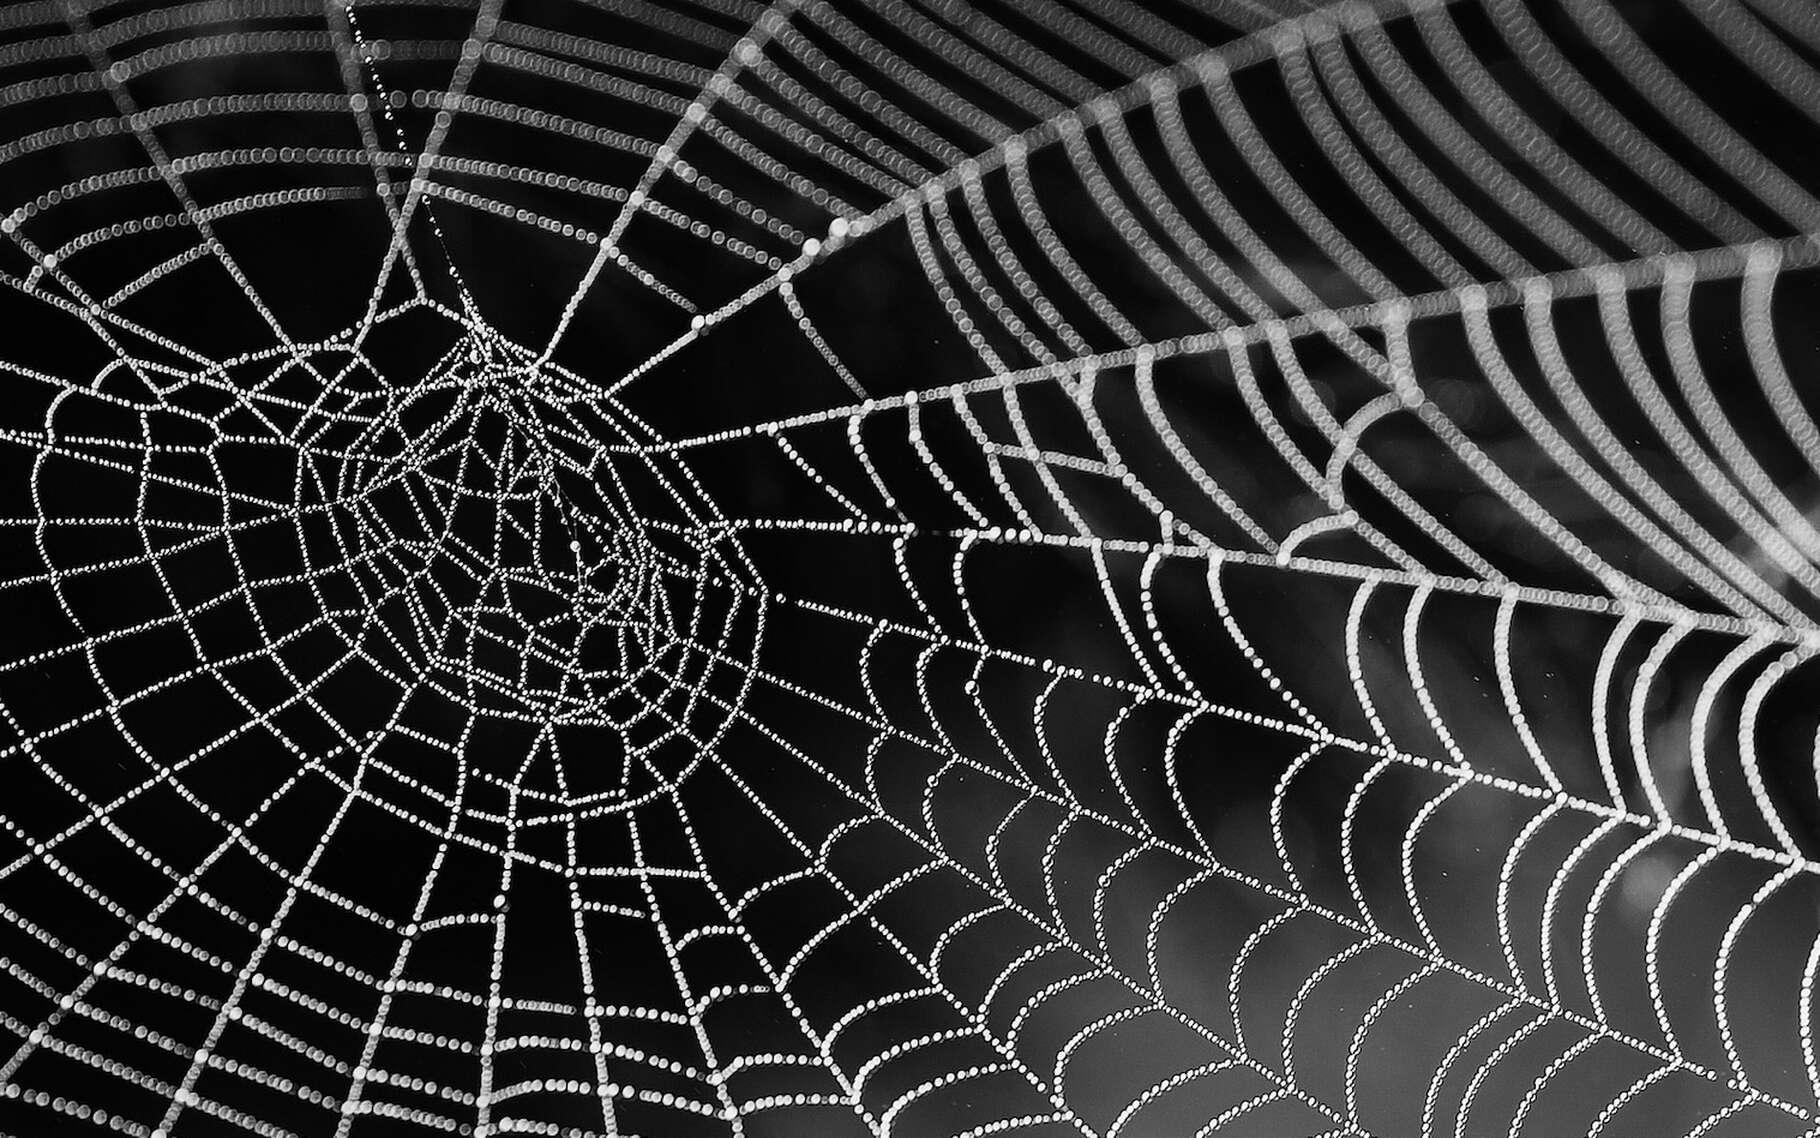 Même si un pas de plus a été fait, la soie d'araignée n'a sans doute pas encore livré tous ses secrets. © bella67, Pixabay, CC0 Creative Commons